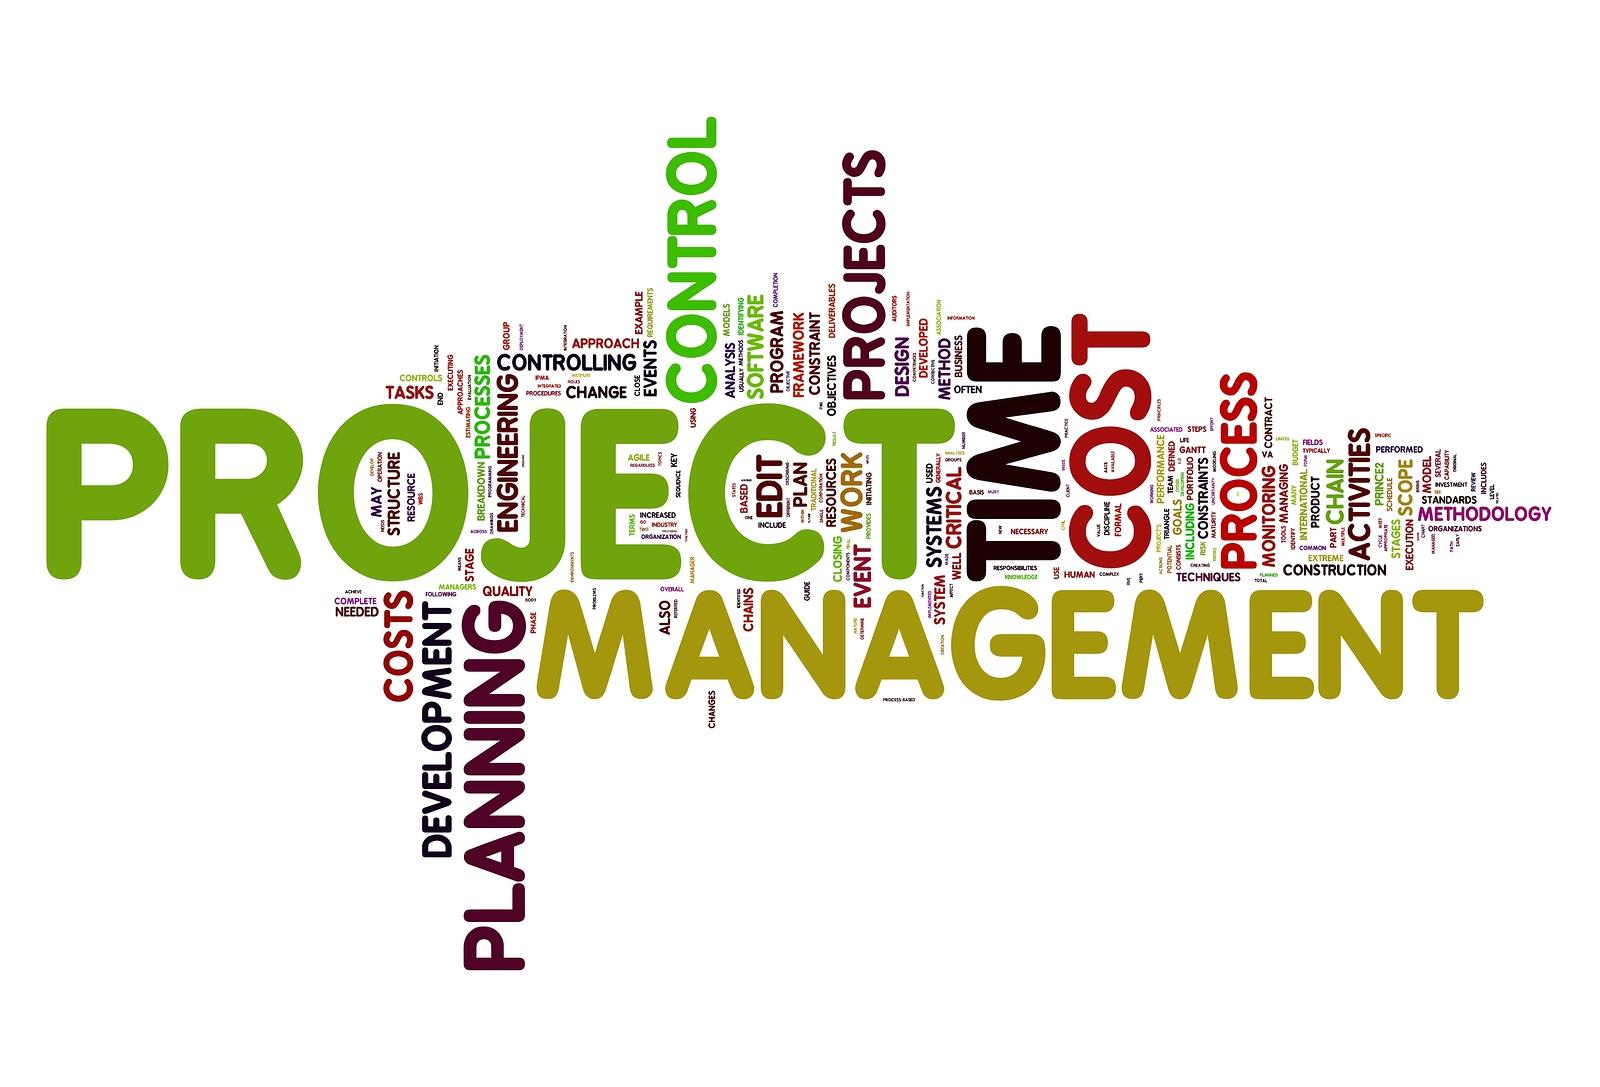 proje The latest tweets from dsi silvan proje (@dsisilvanproje) devlet su i̇şleri 10 bölge silvan proje müdürlüğü resmi twitter hesabı diyarbakır, türkiye.